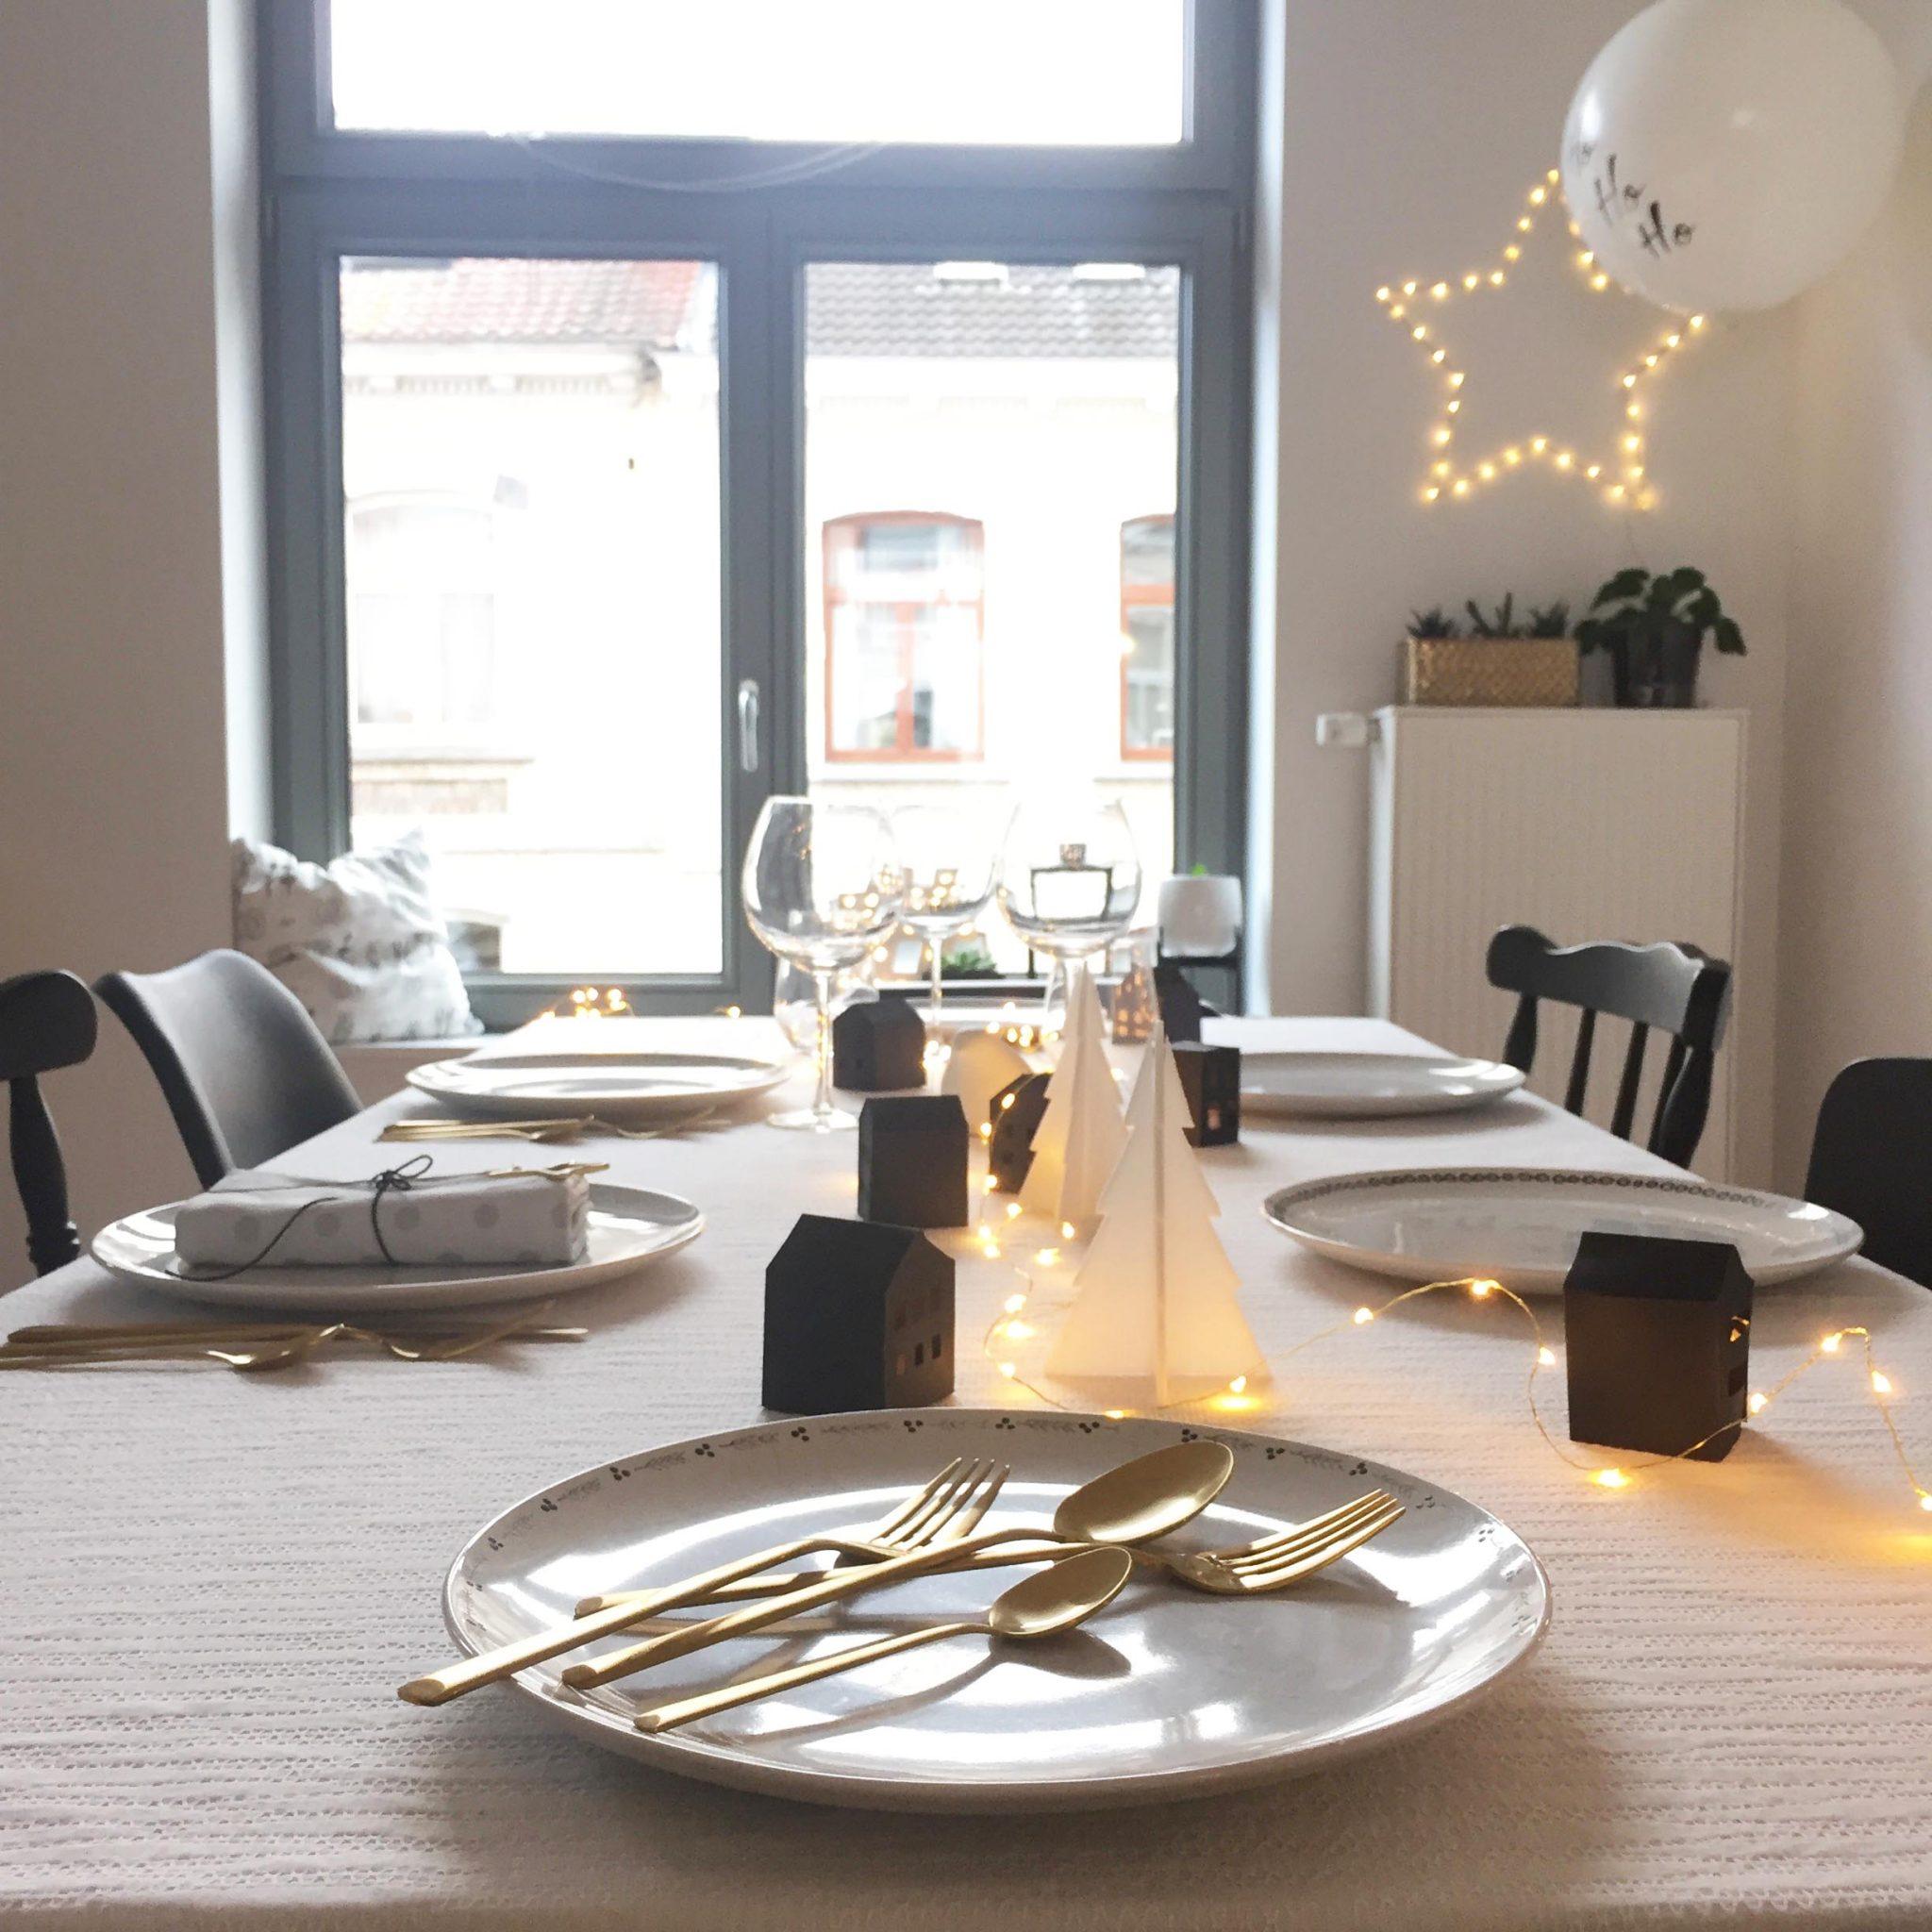 décoration table fêtes Noel